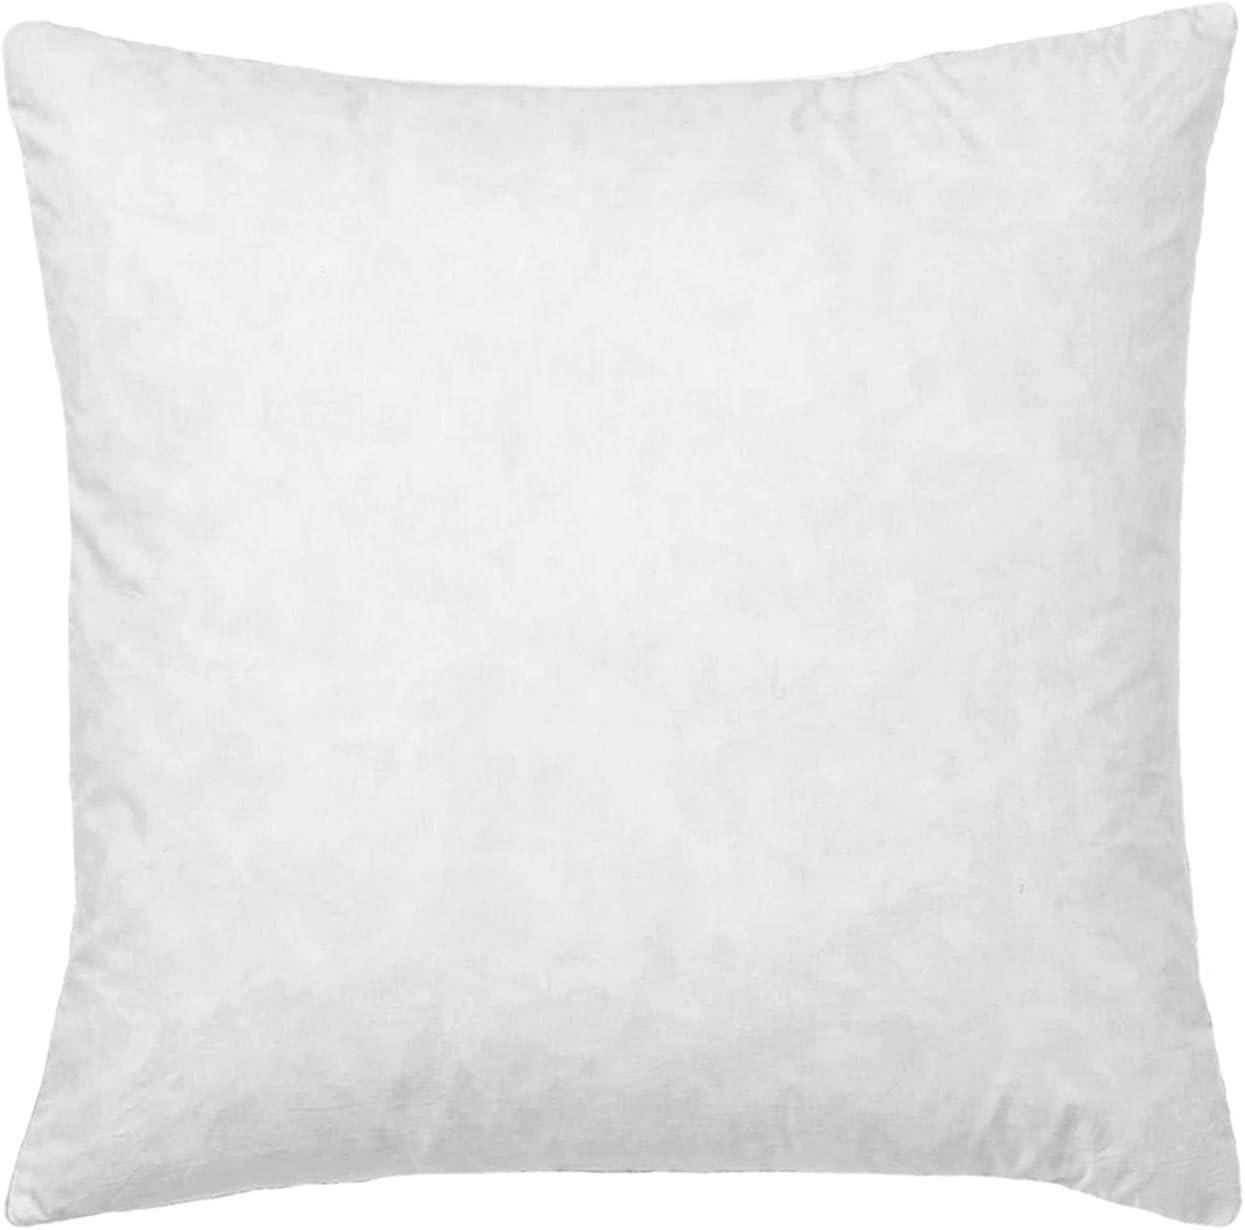 28x28 Euro Throw Pillow Insert-Down Feather Pillow Insert-Cotton Fabric-White.